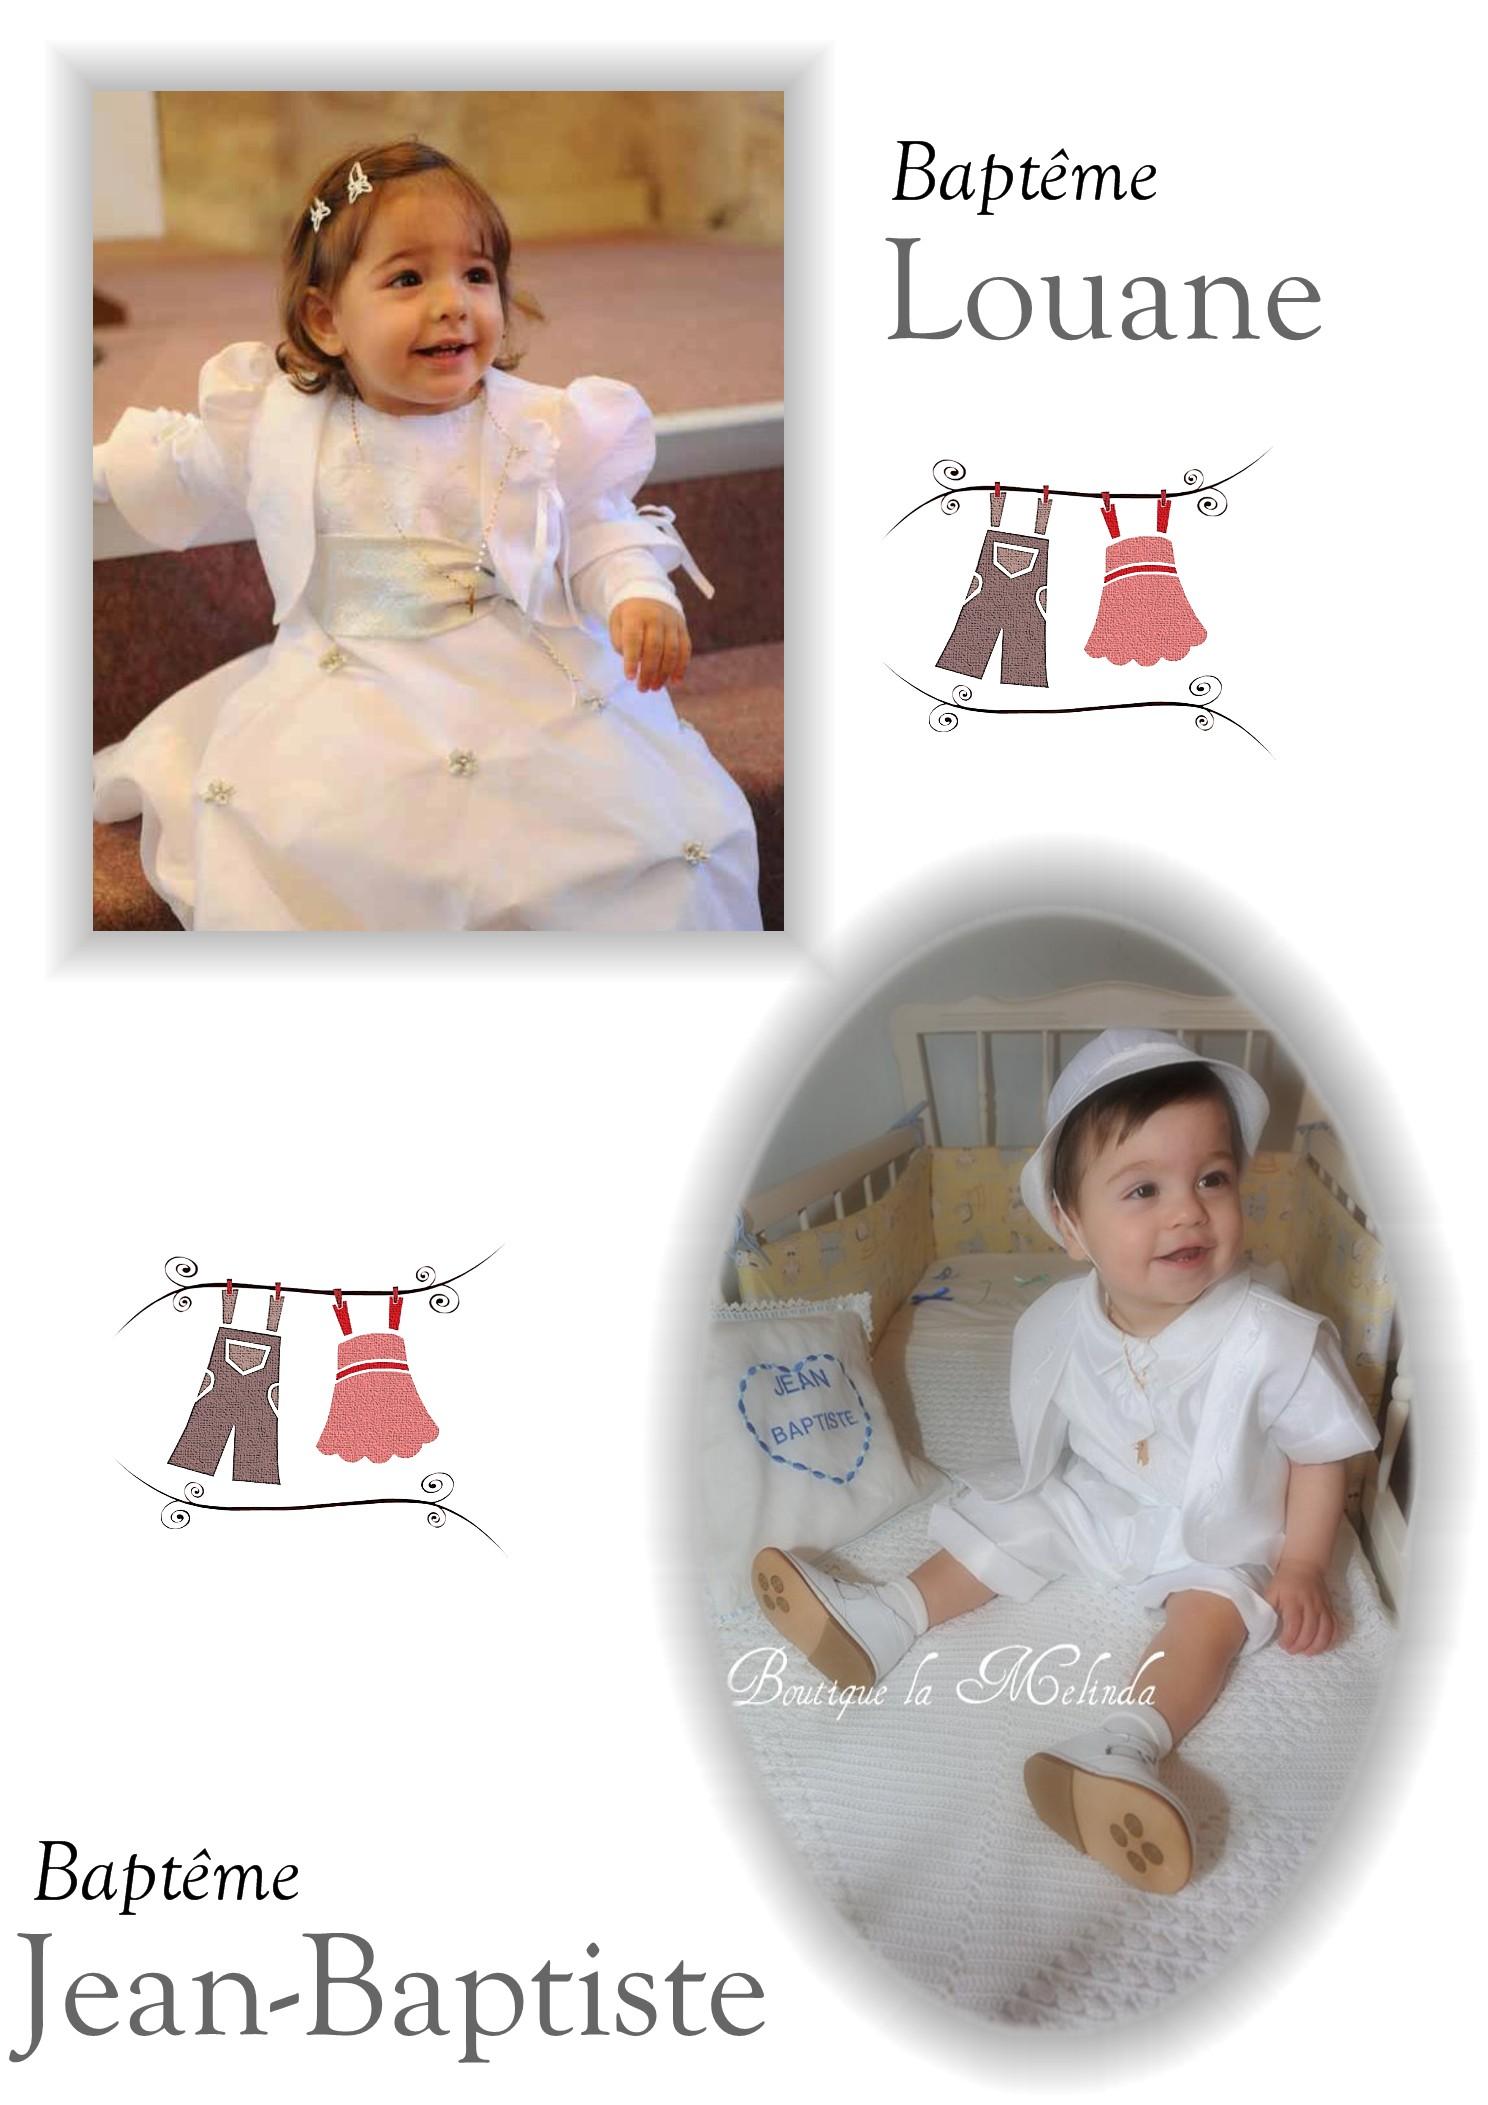 BOUTIQUE LA MELINDA CEREMONIE BAPTEME ENFANT PORTUGAL ALBUM photo 1.jpg